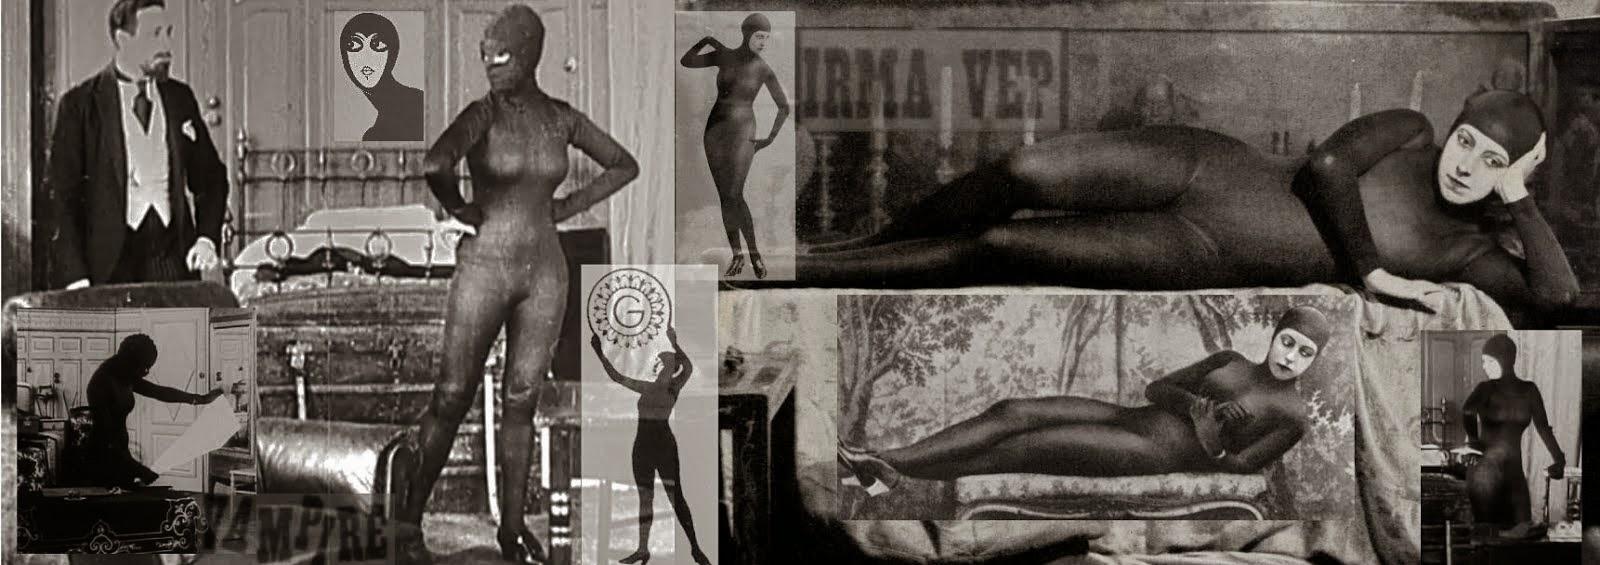 Gaumont 120 ans: Alice Guy depuis que le cinéma existe Exposition 104 paris